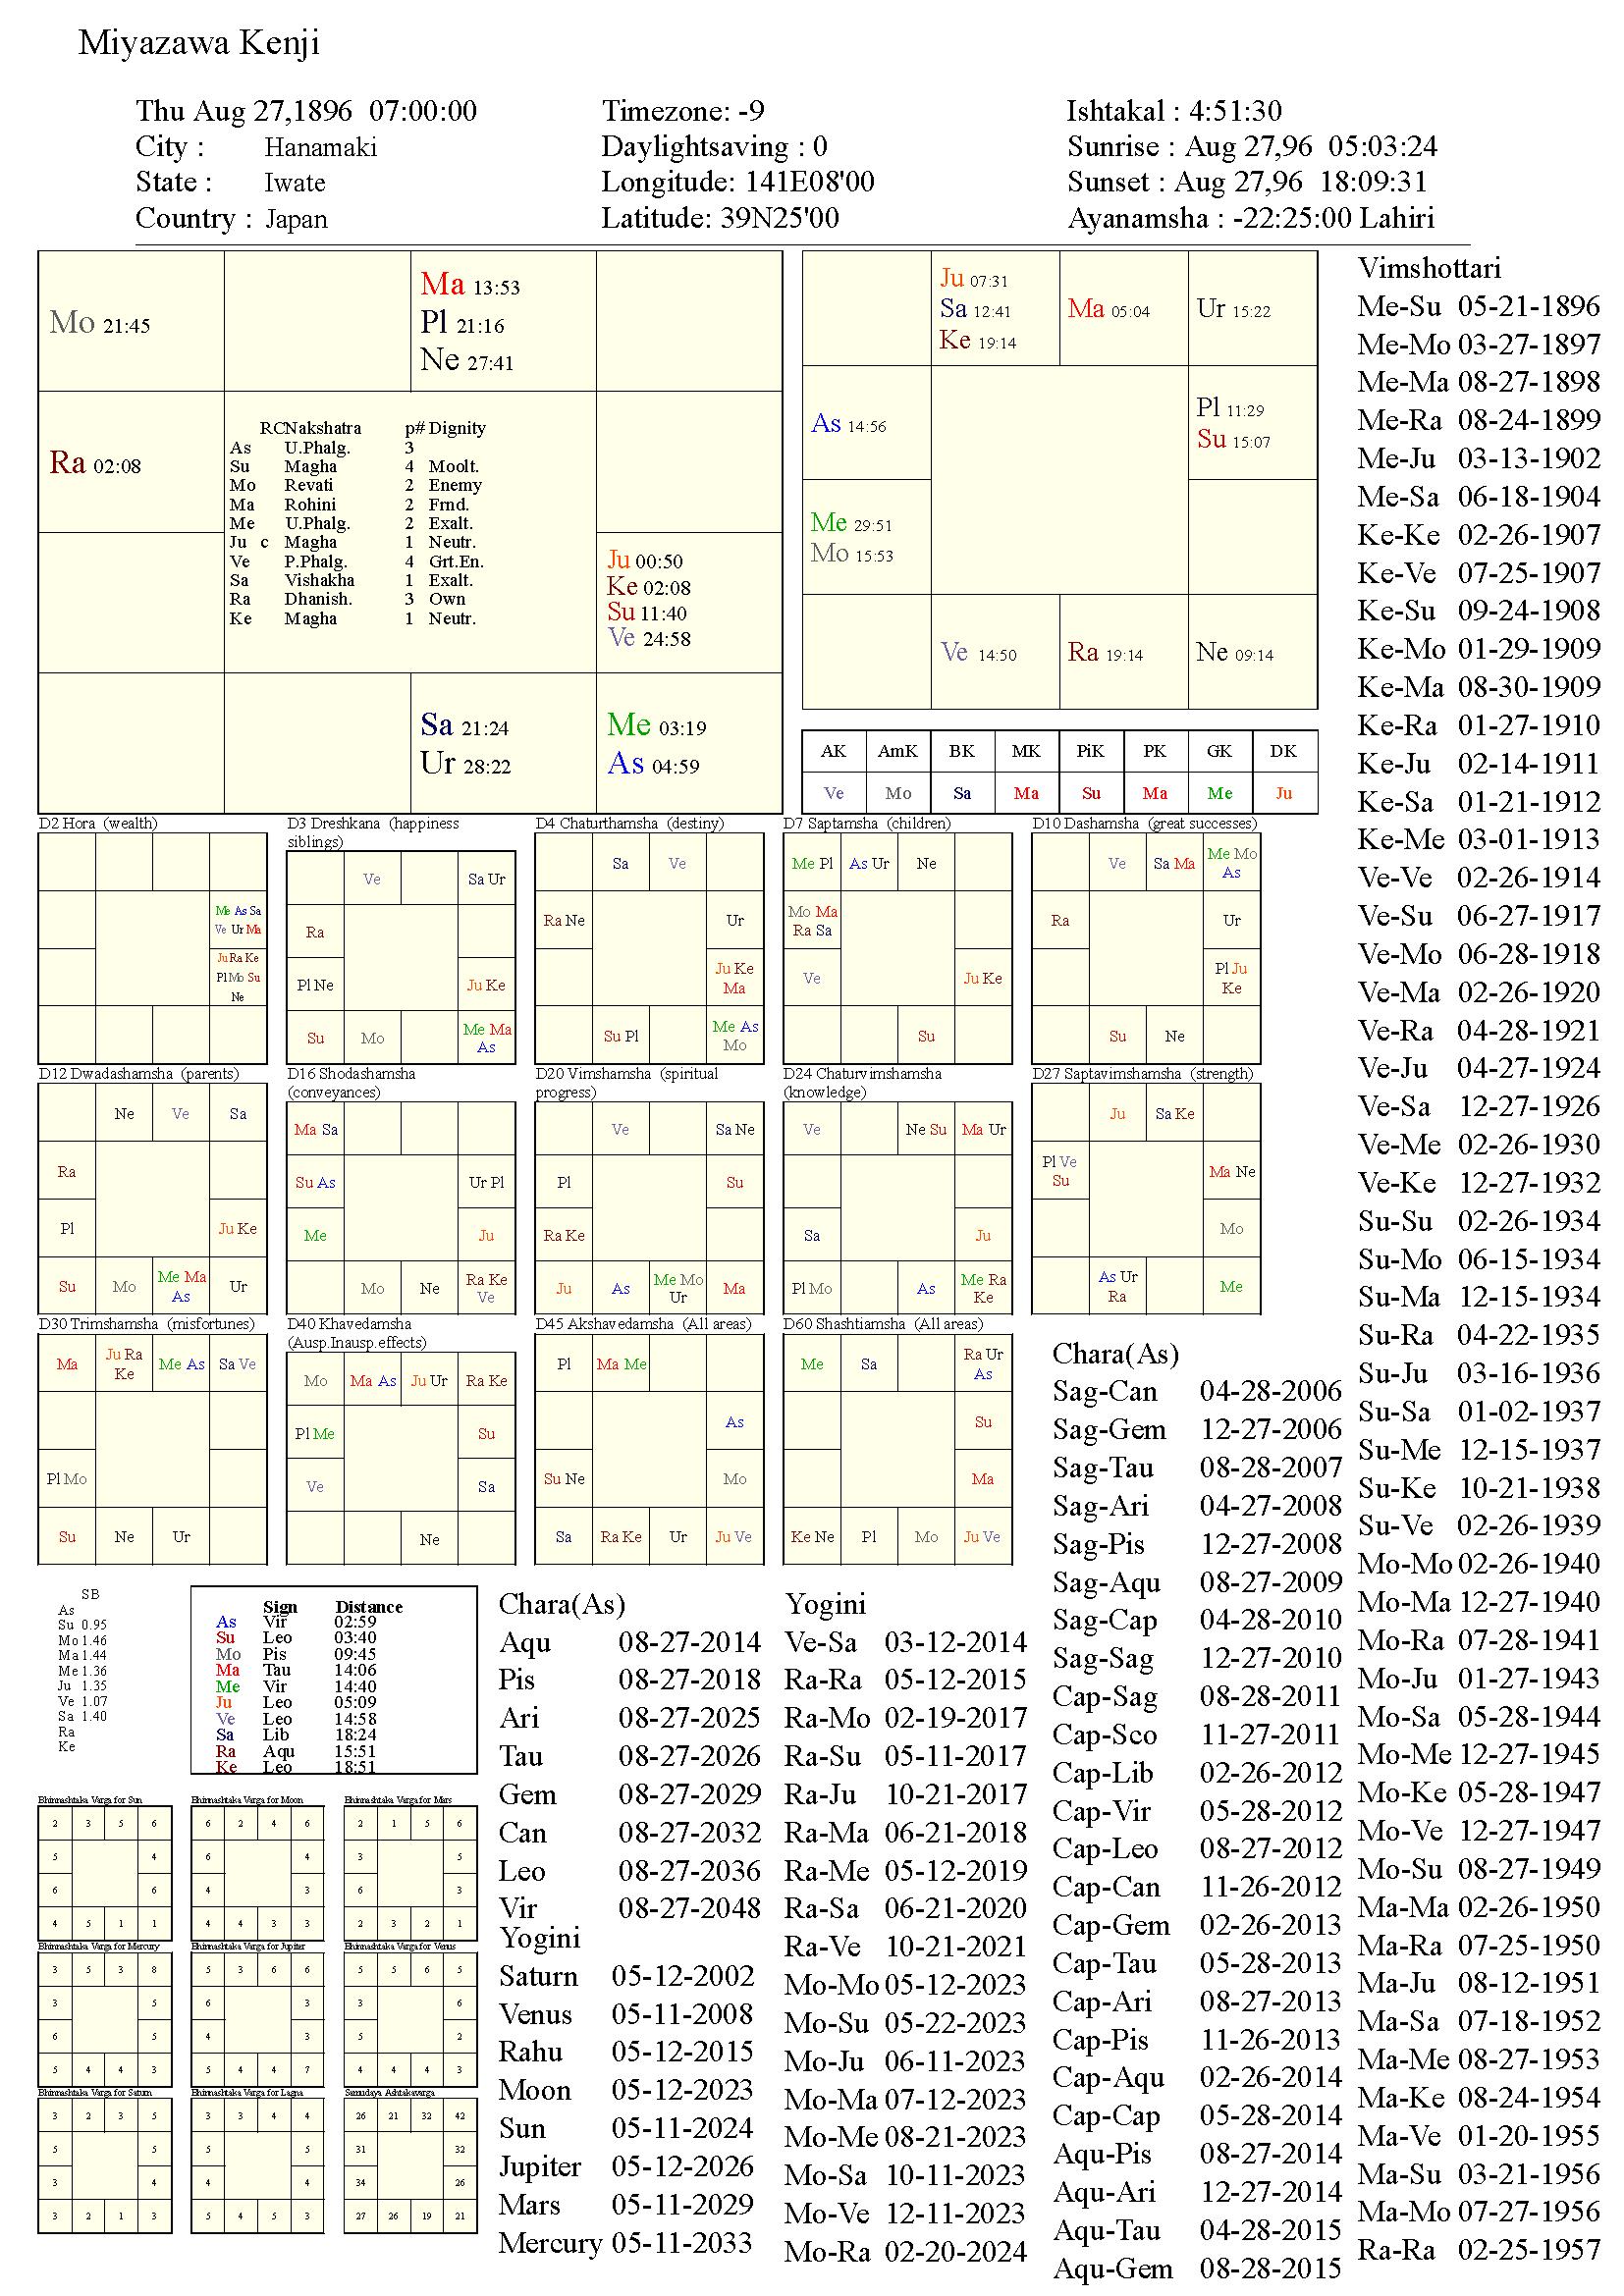 miyazawakenji_chart